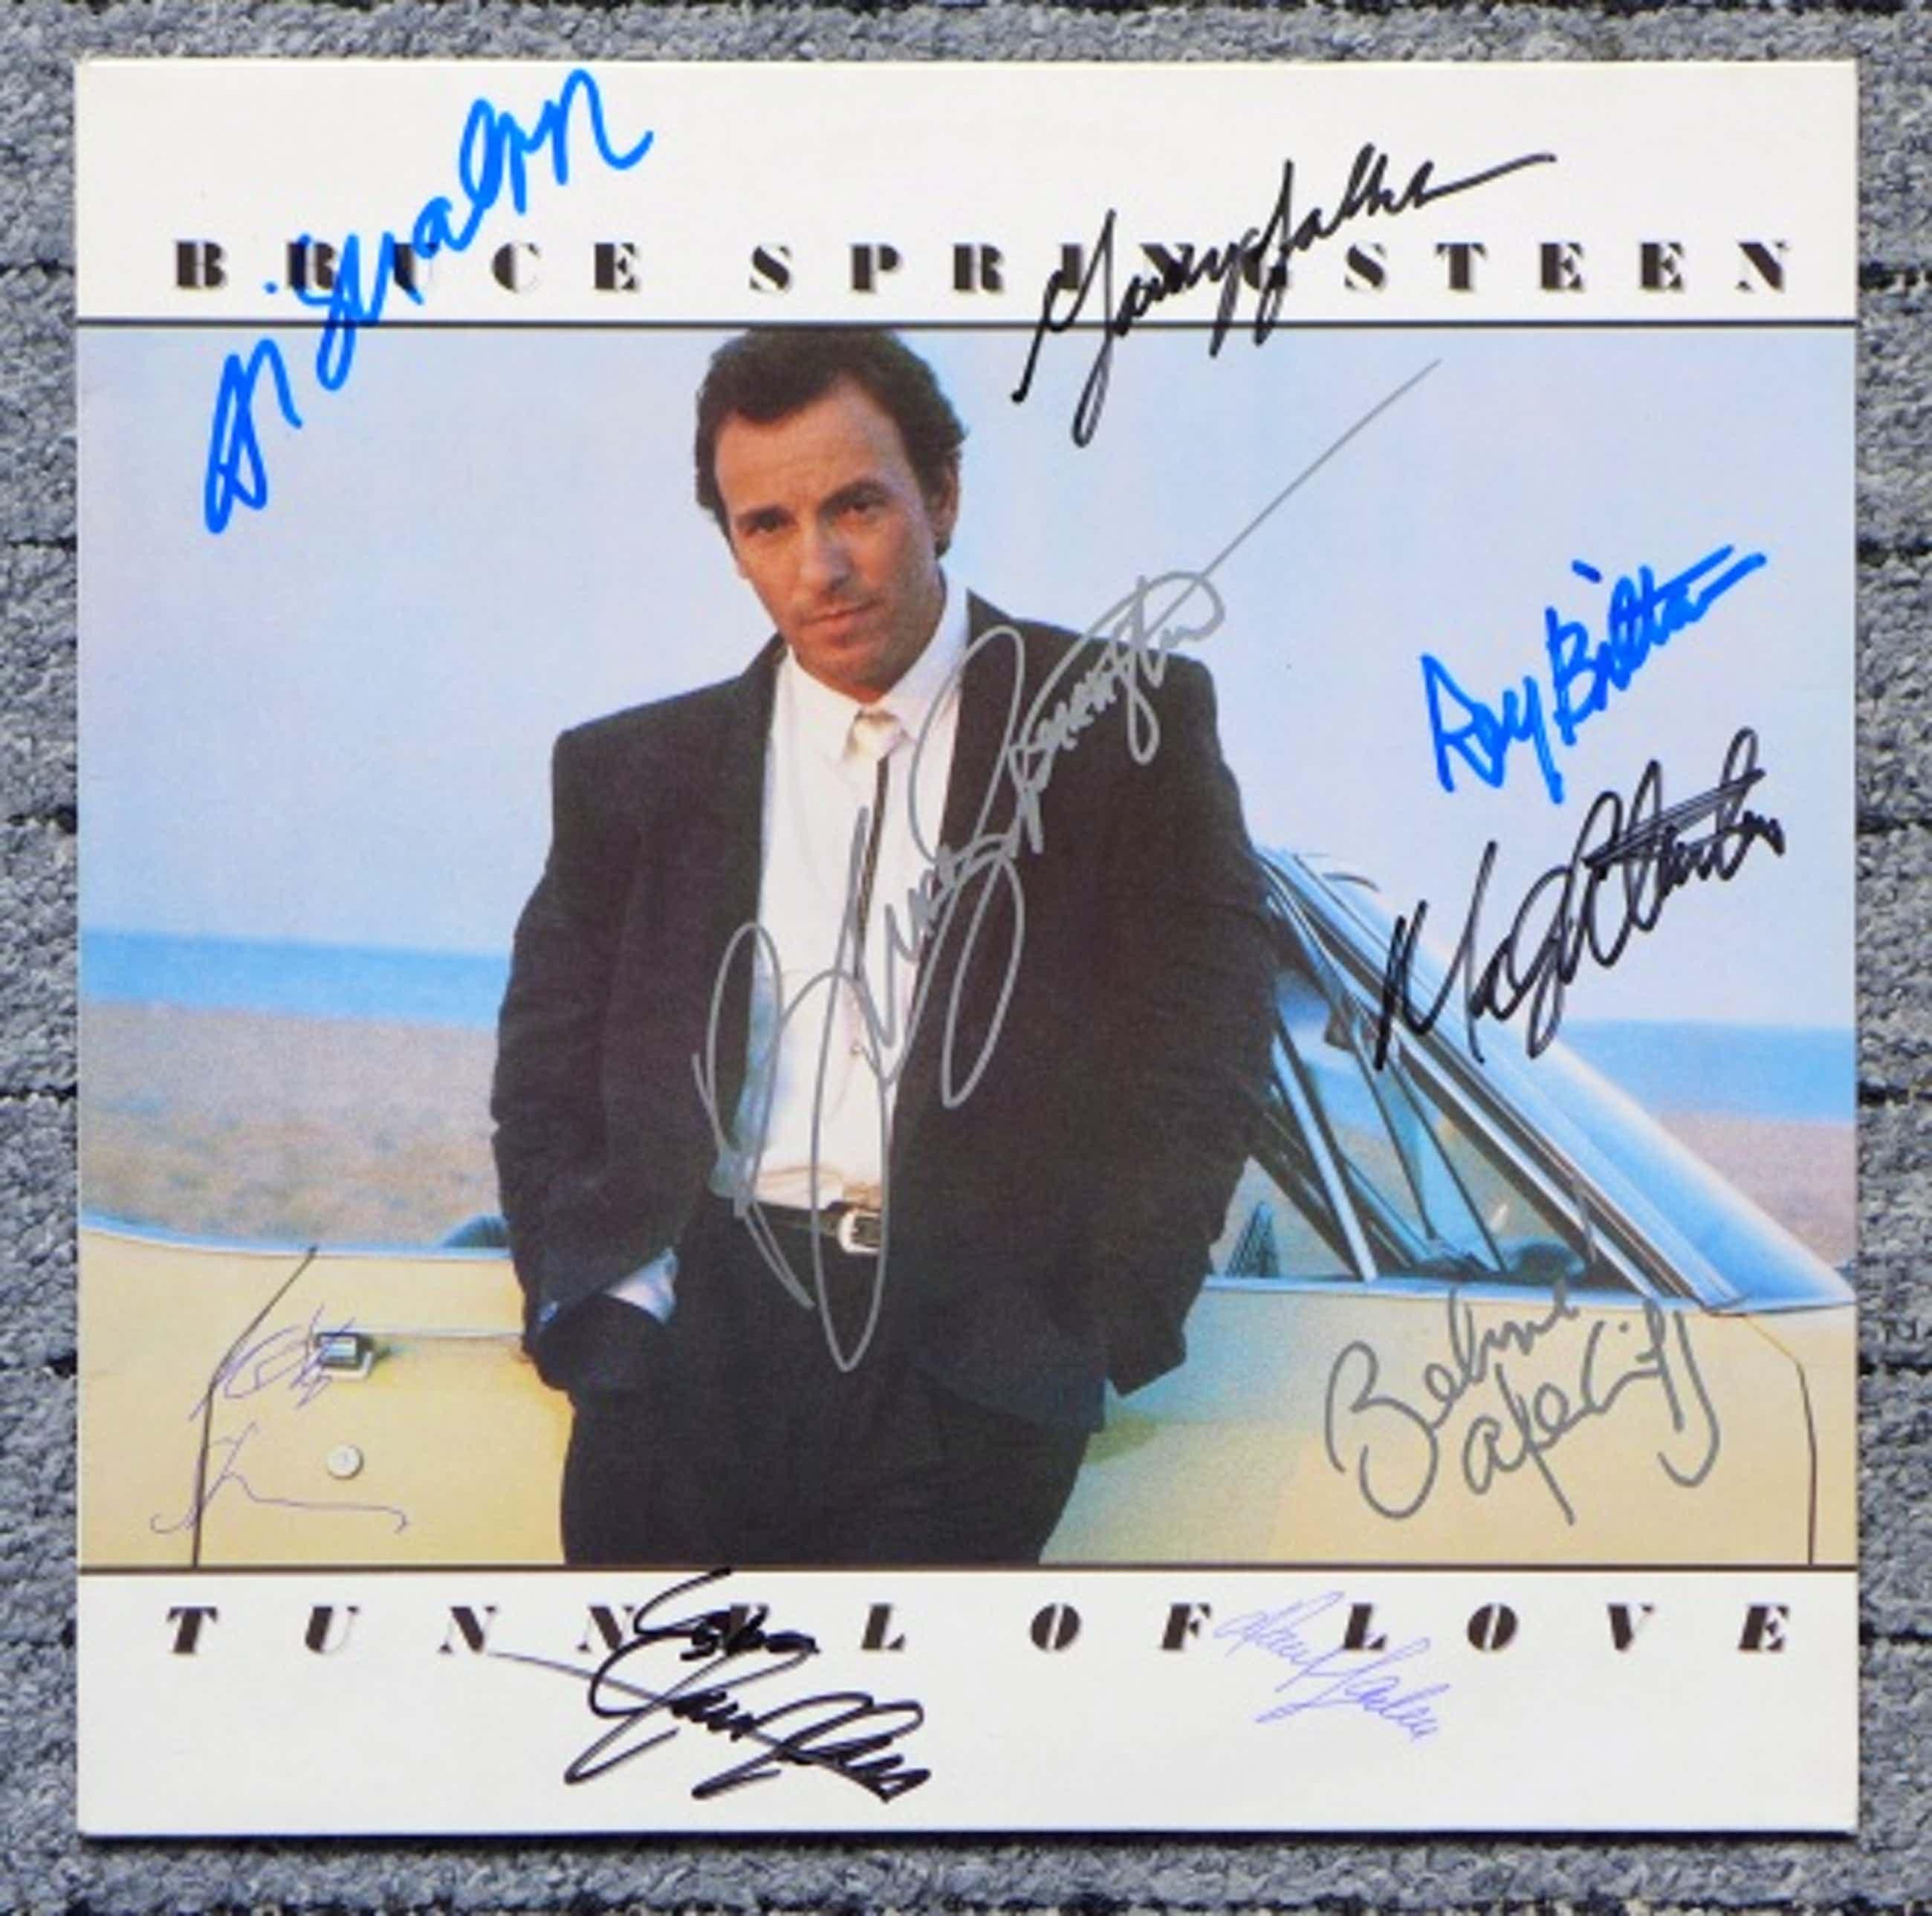 Bruce Springsteen - Tunnel Of Love, LP signiert von 8 Musikern der E Street Band kopen? Bied vanaf 299!